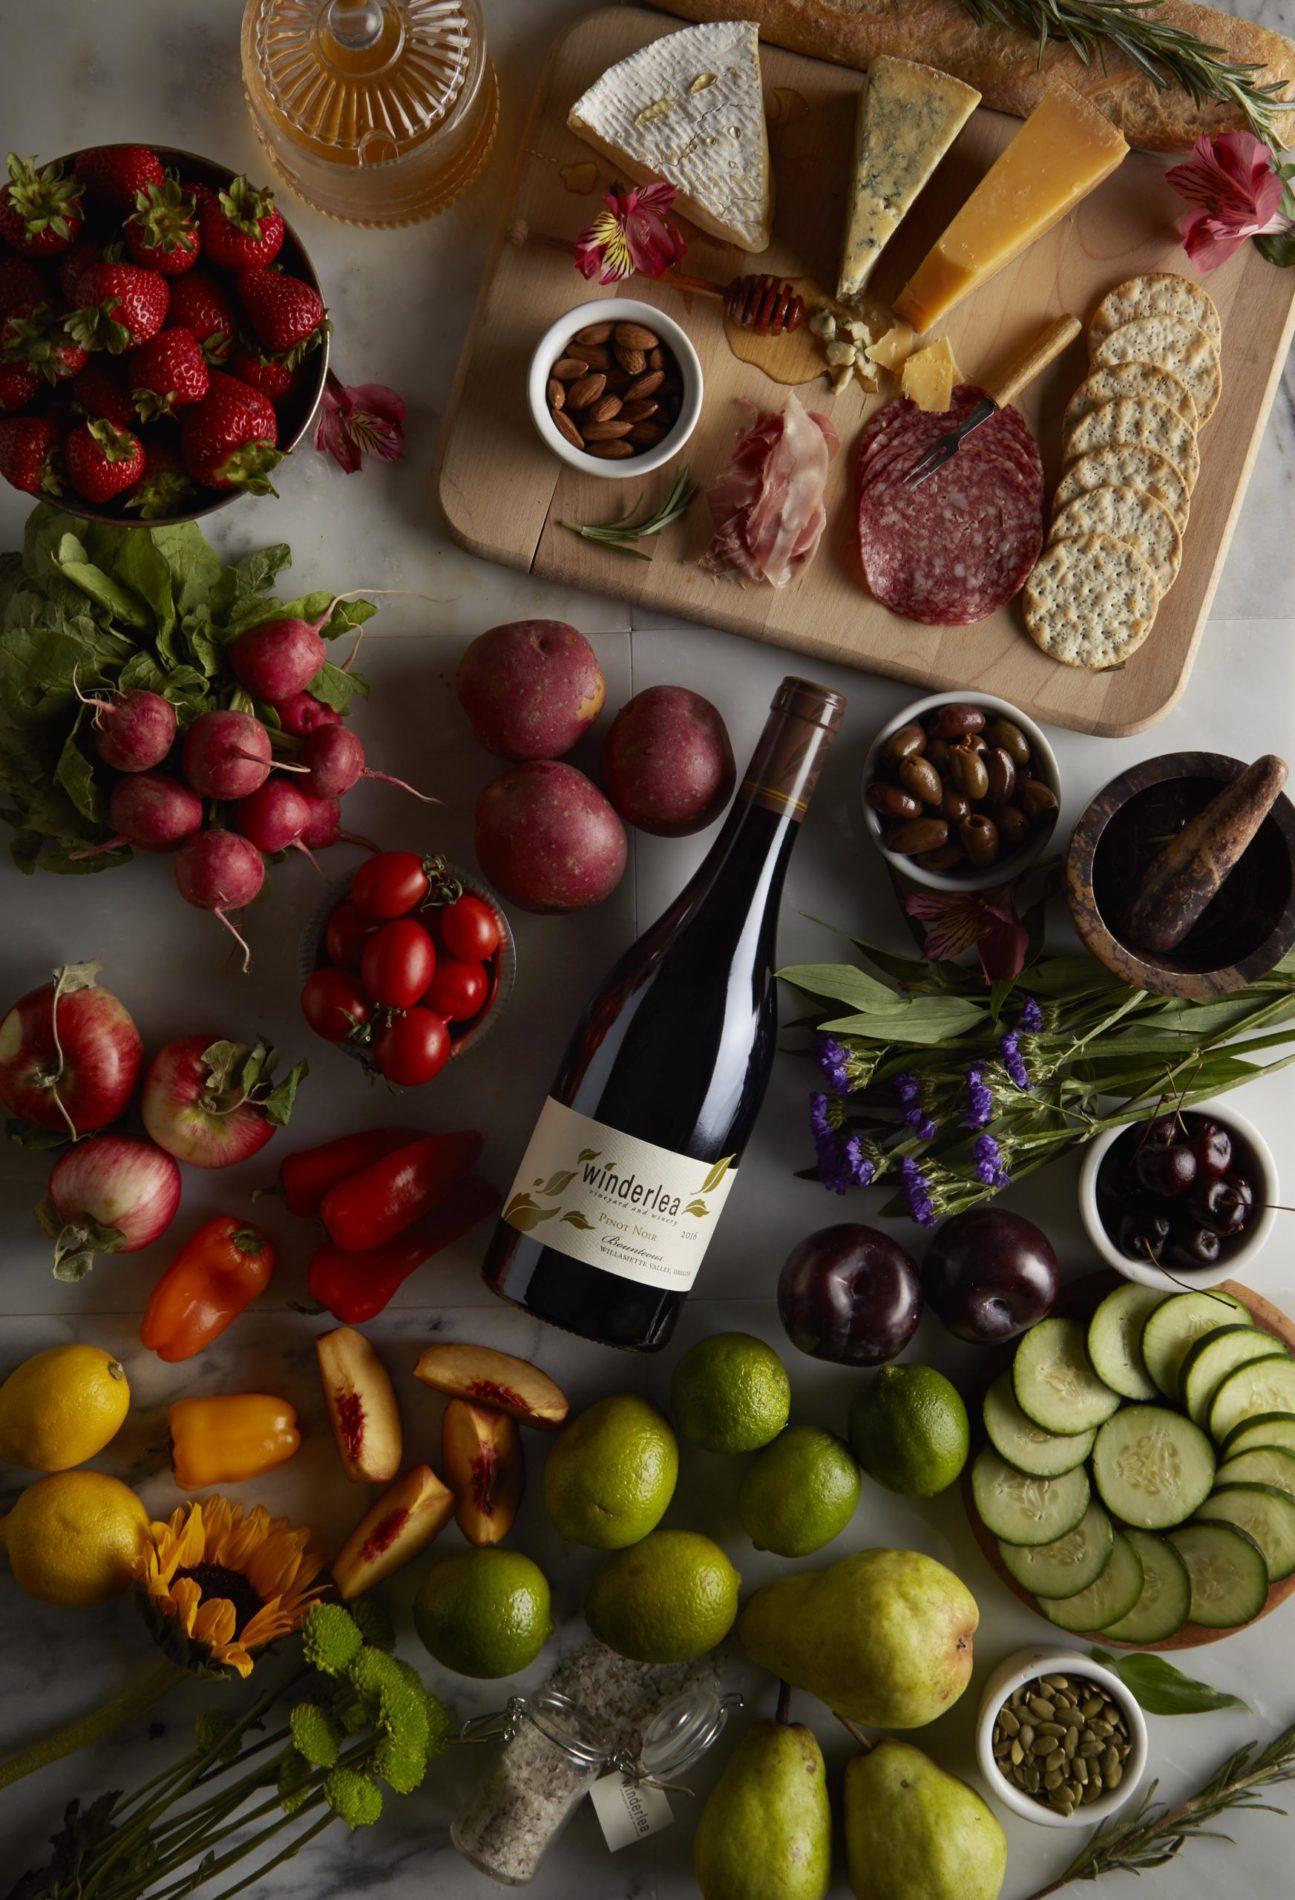 wine laydown 9 120071 scaled 1uXjT5.tmp  - Memorial Day Weekend New Release | 2017 Winderlea Maresh Vineyard Pinot noir